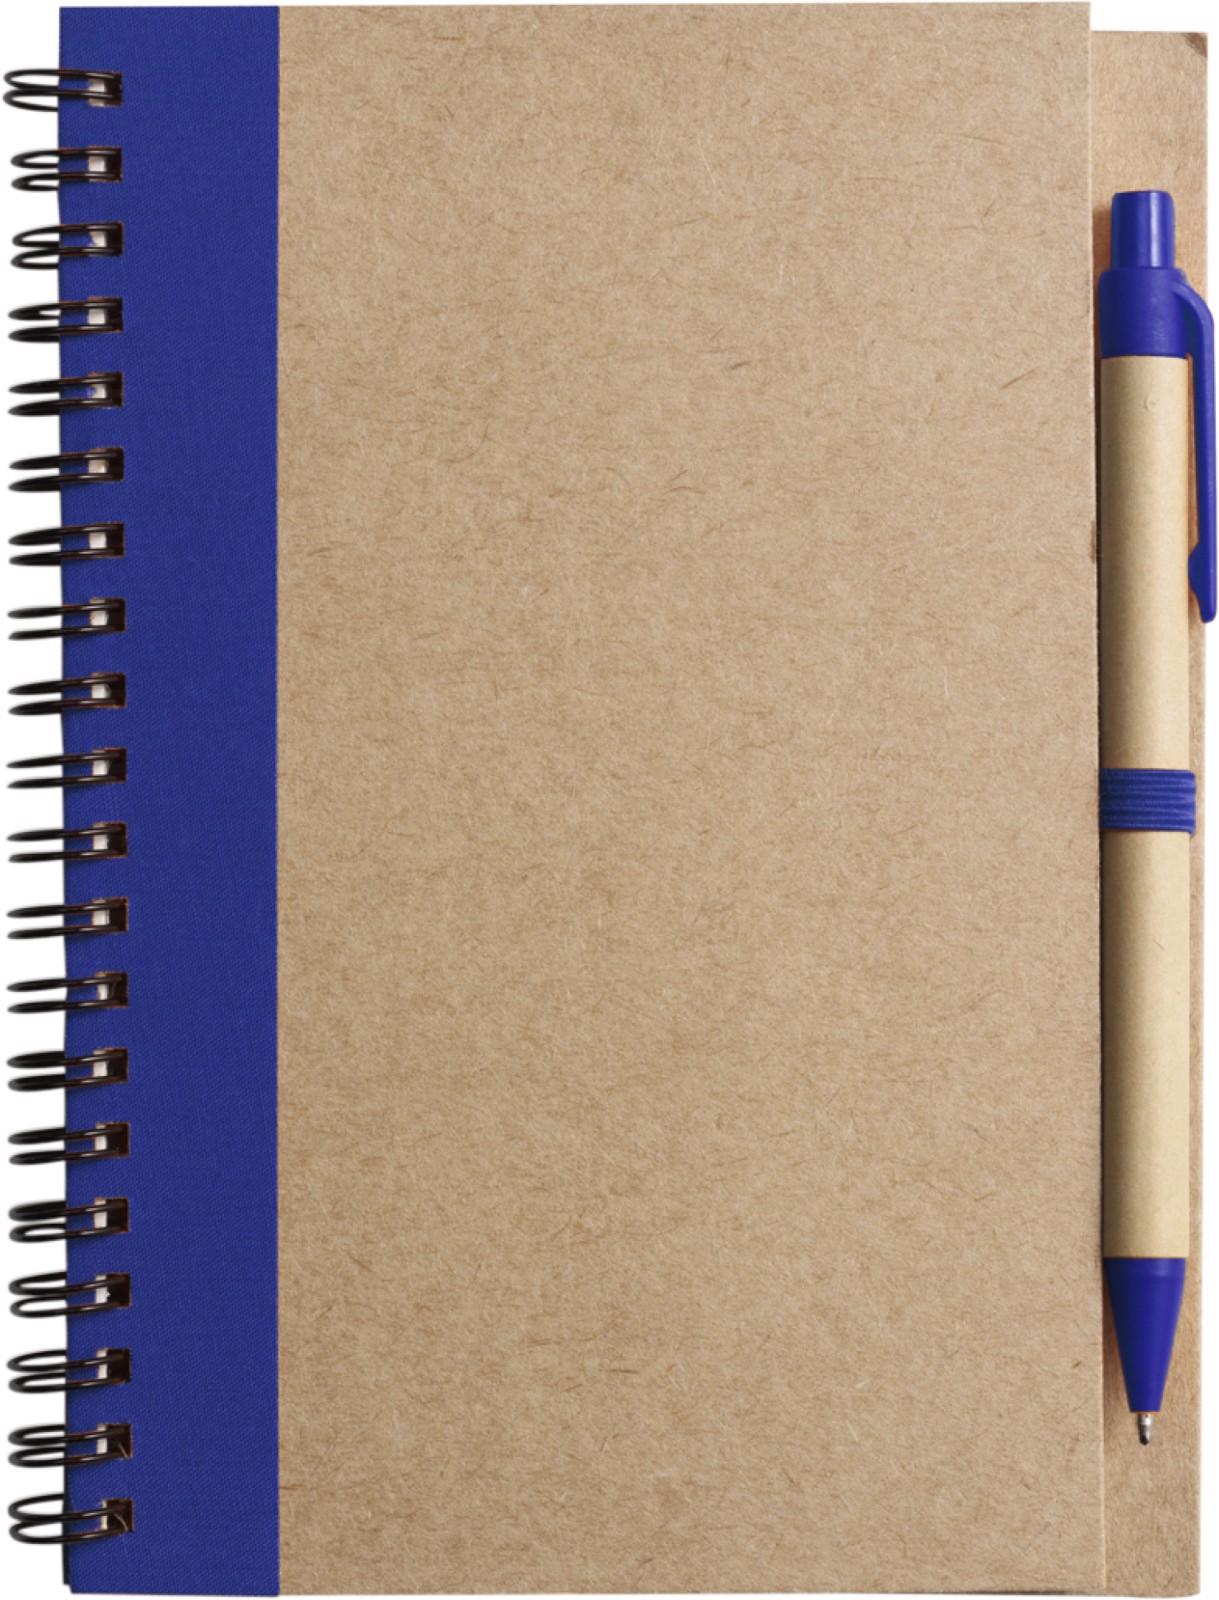 Cuaderno con espiral, y bolígrafo - Blue